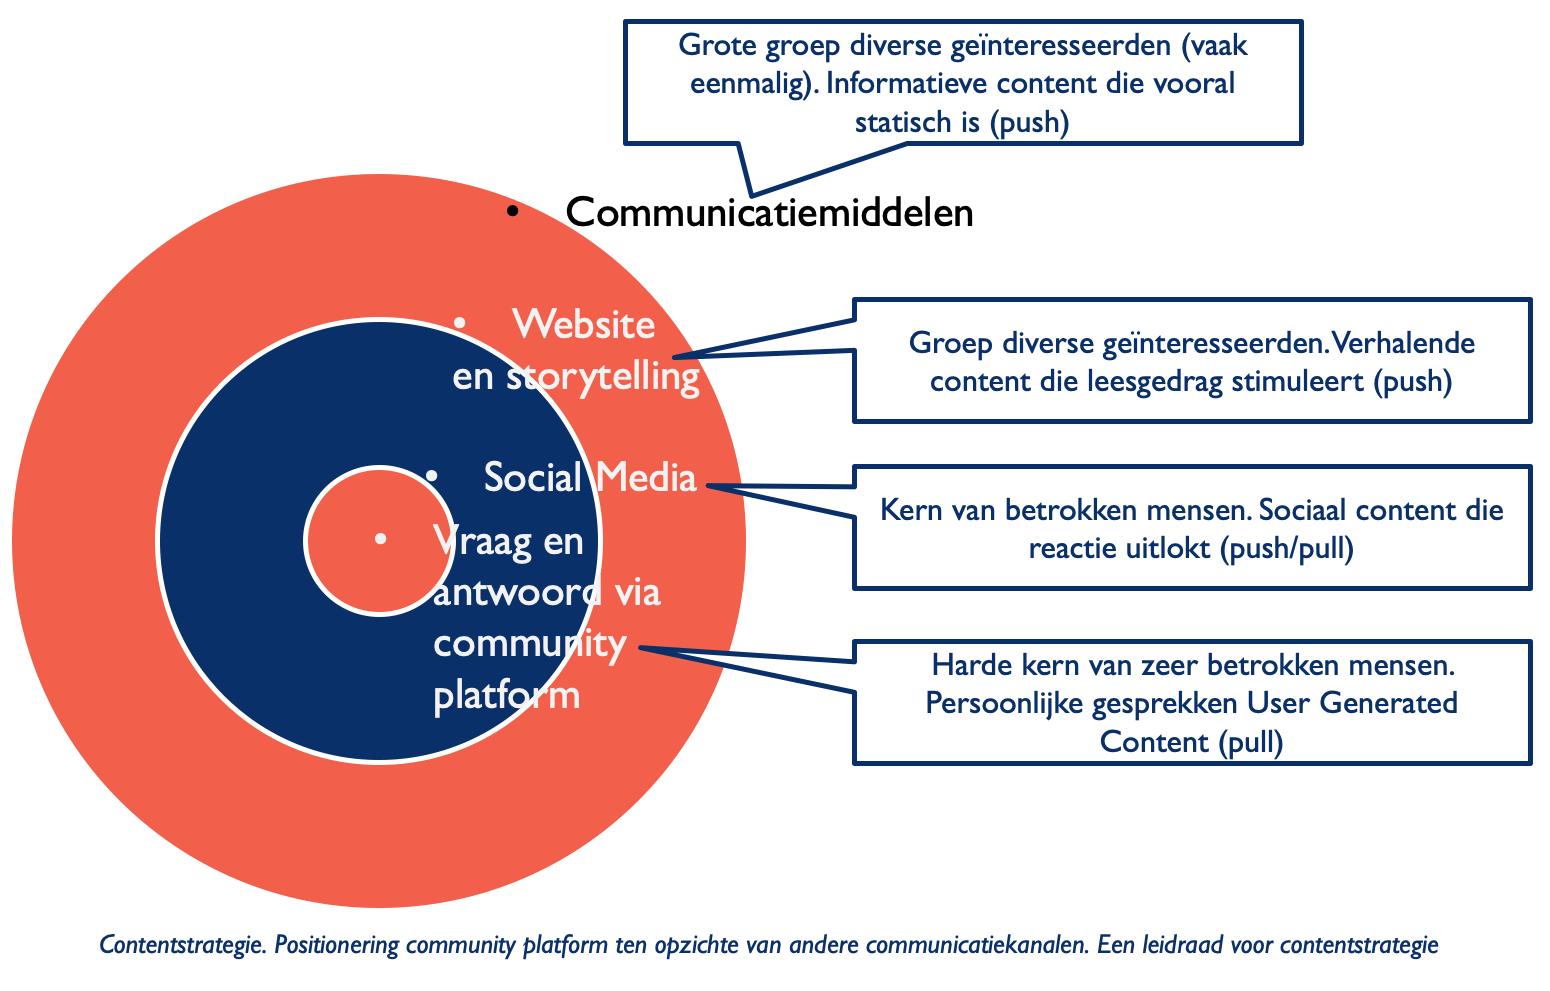 Schematische weergave van de positionering van een community platform ten opzichte van andere communicatiekanalen.